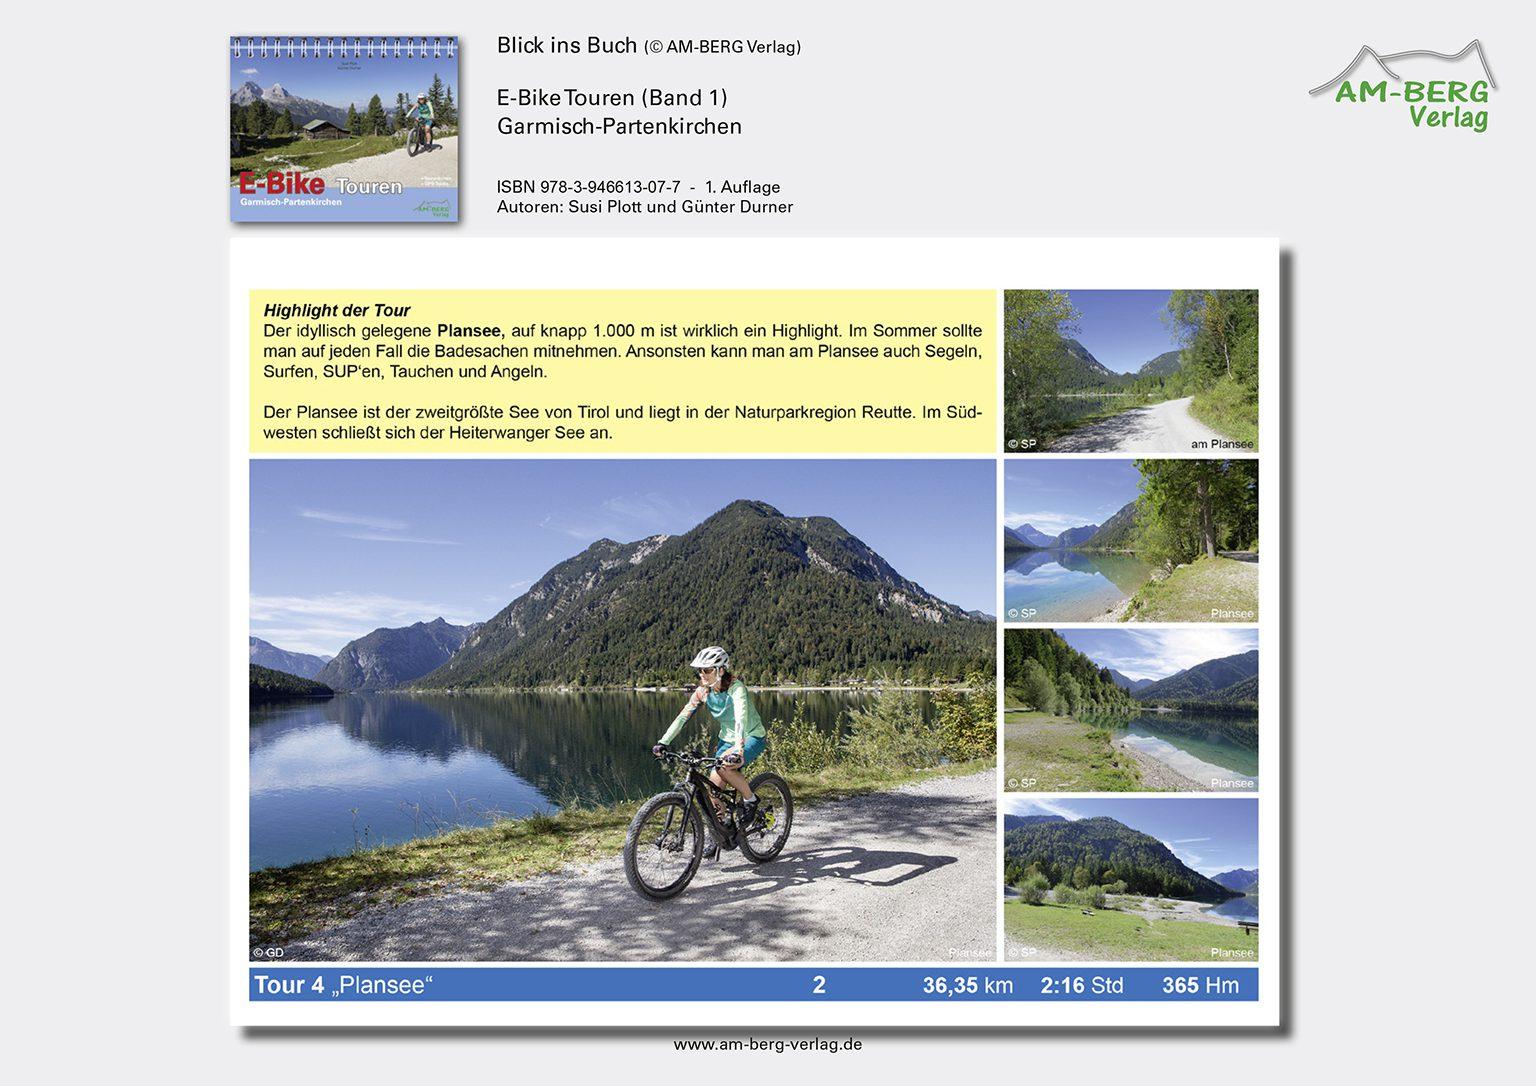 E-Bike Touren Garmisch-Partenkirchen_BlickinsBuch13